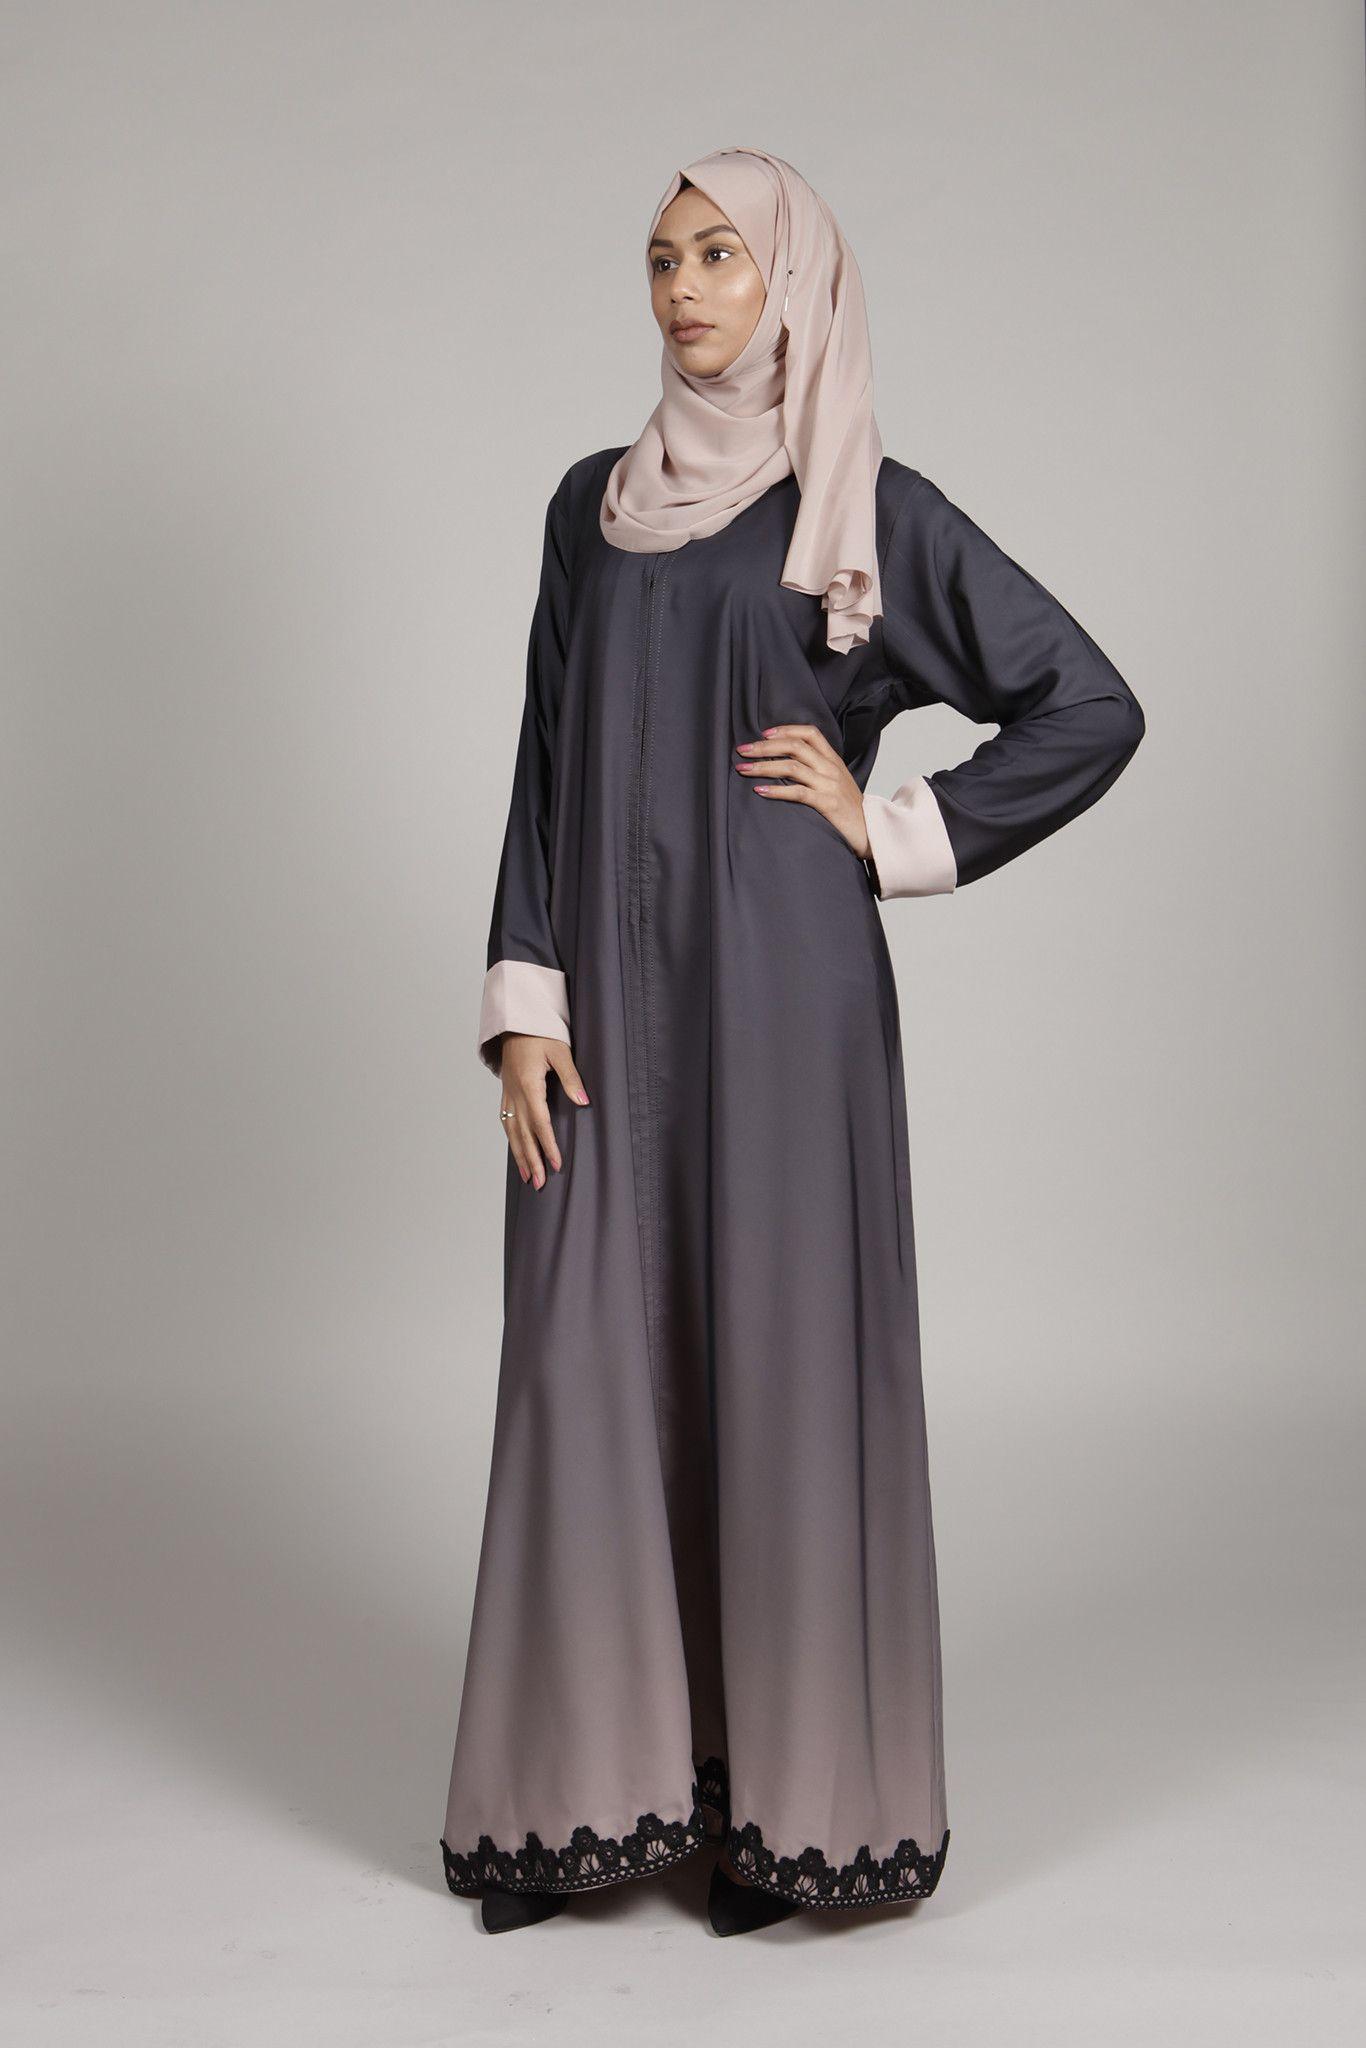 Abaya Ombre Fashion Vestido Trajes Fashion Hijab Nude Modest wIUdxSS